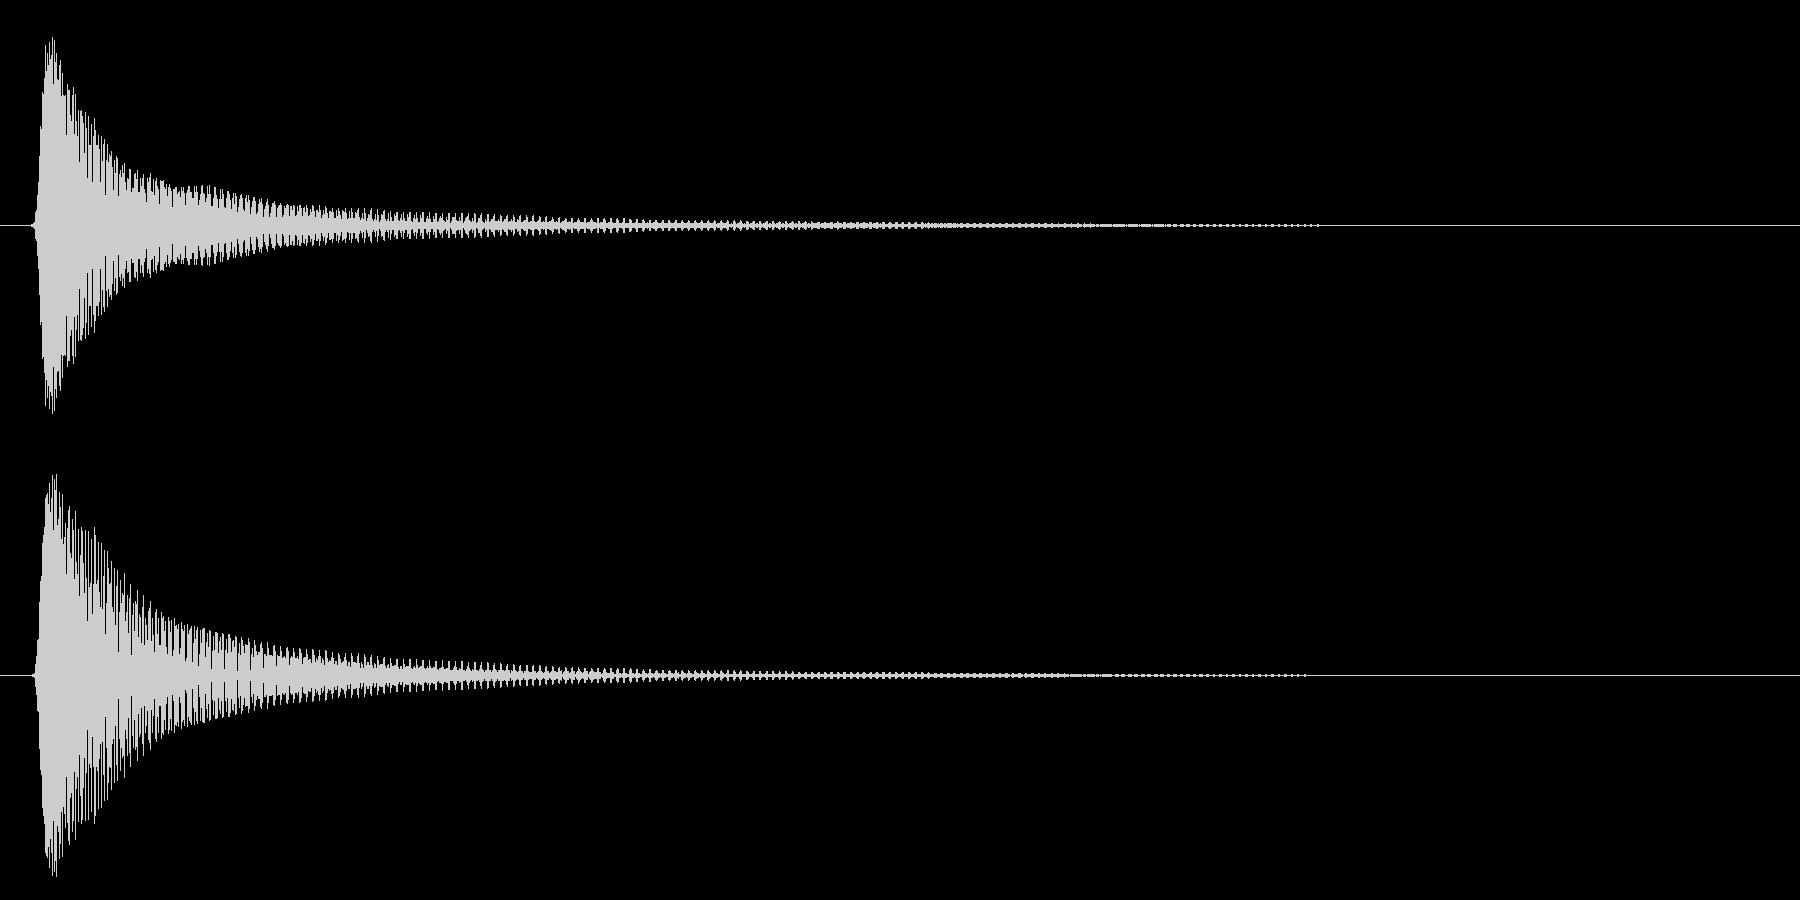 木琴/選択音/システム音の未再生の波形